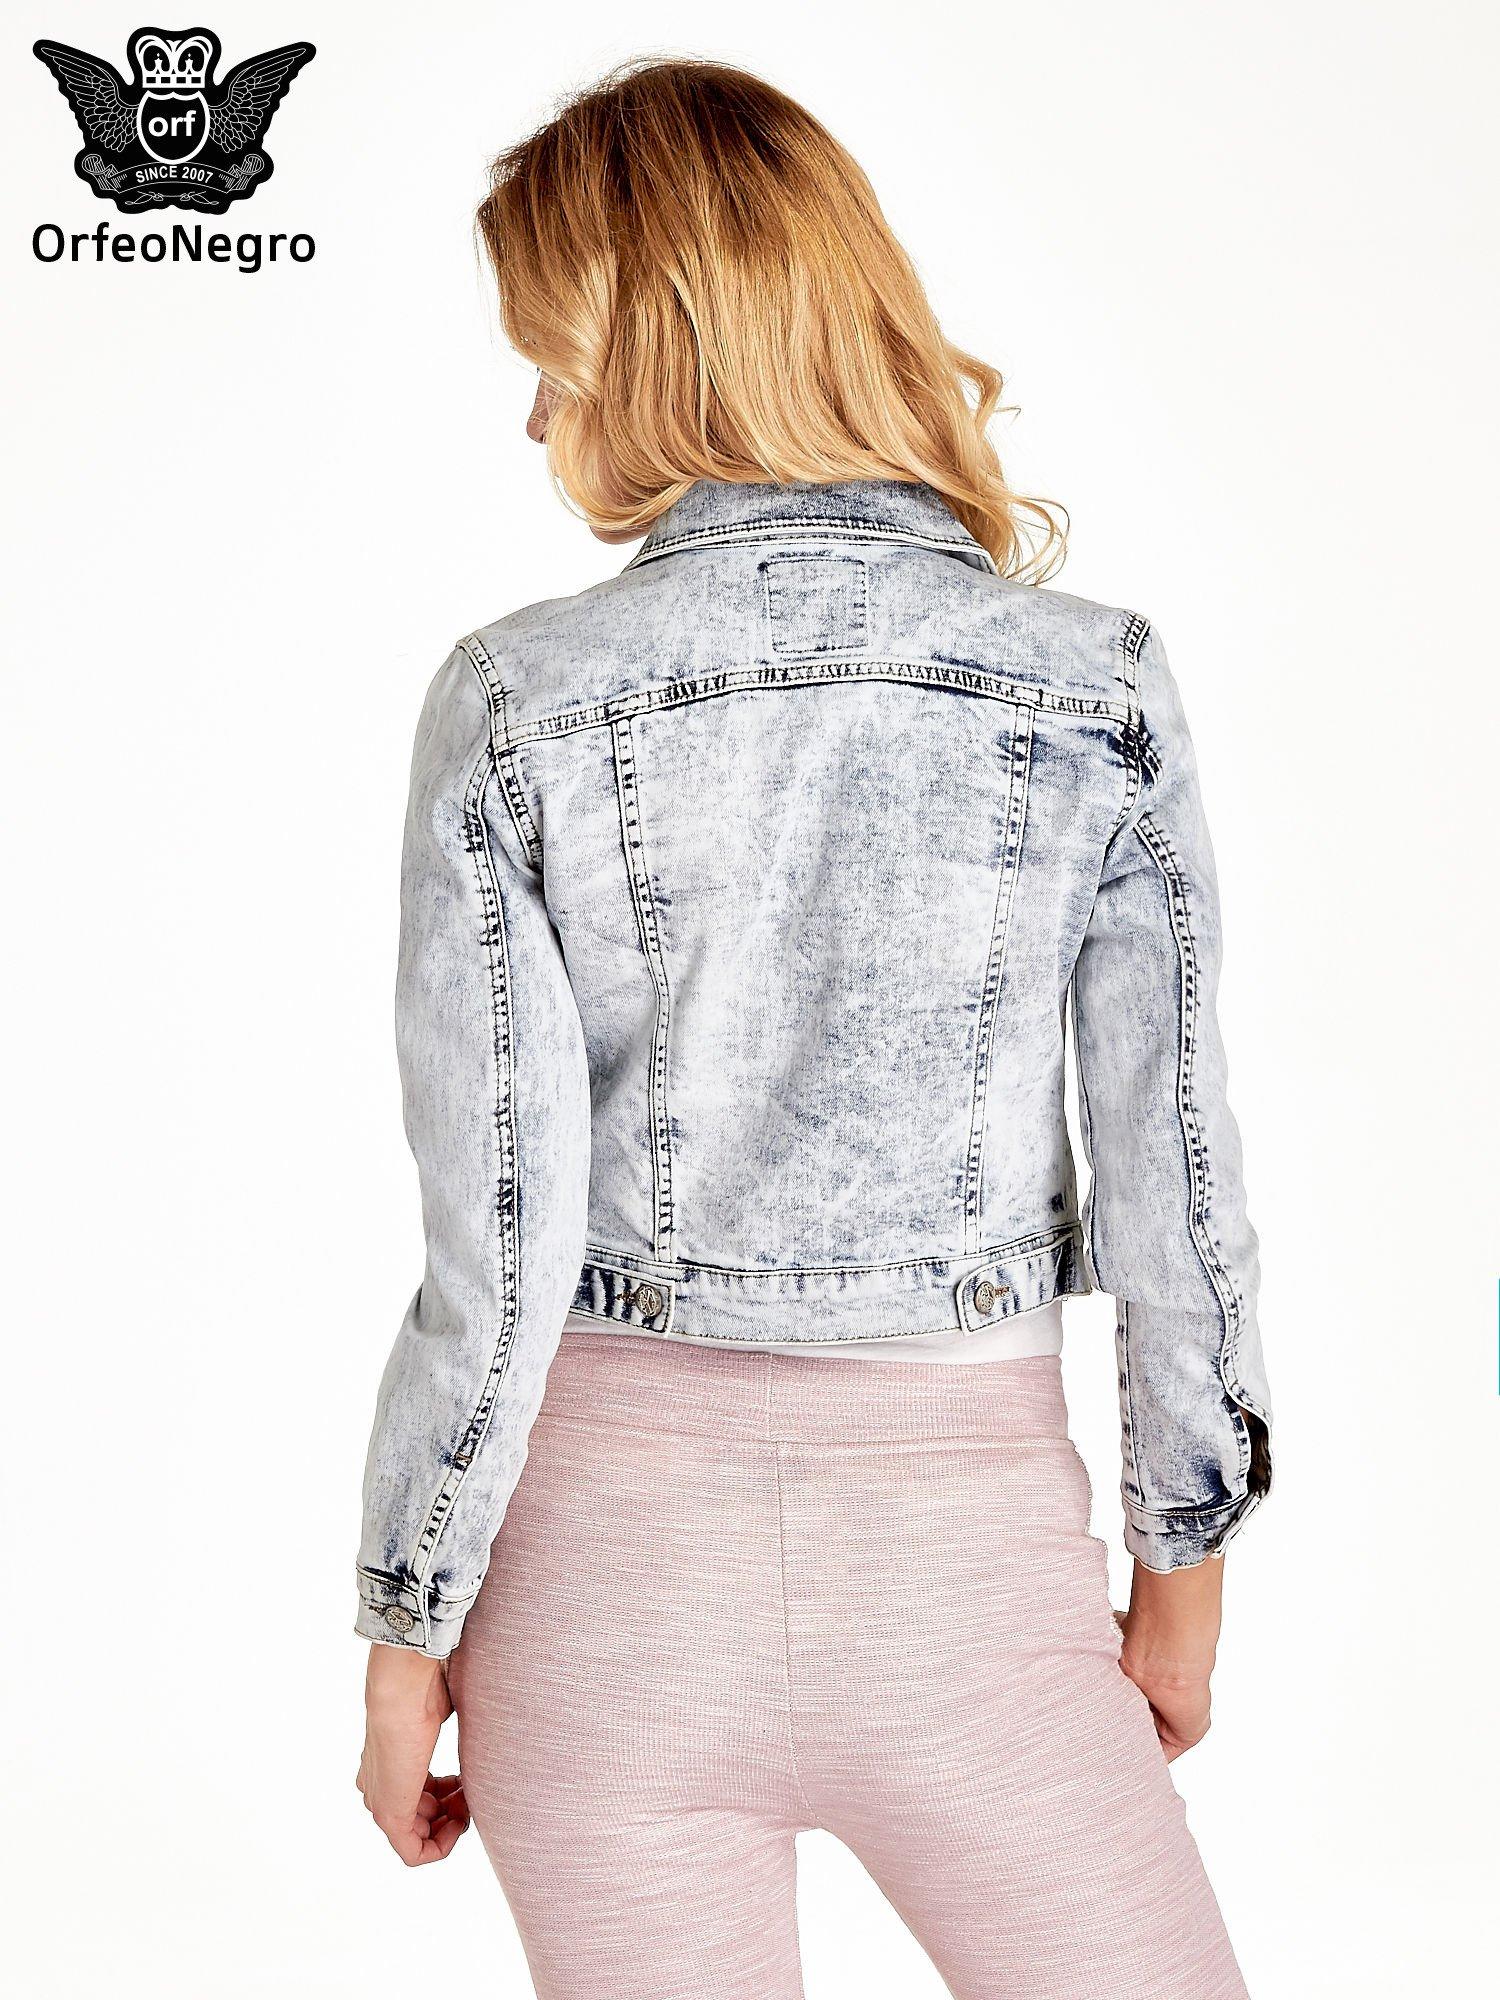 Jasnoniebieska kurtka jeansowa damska z efektem acid wash                                  zdj.                                  4